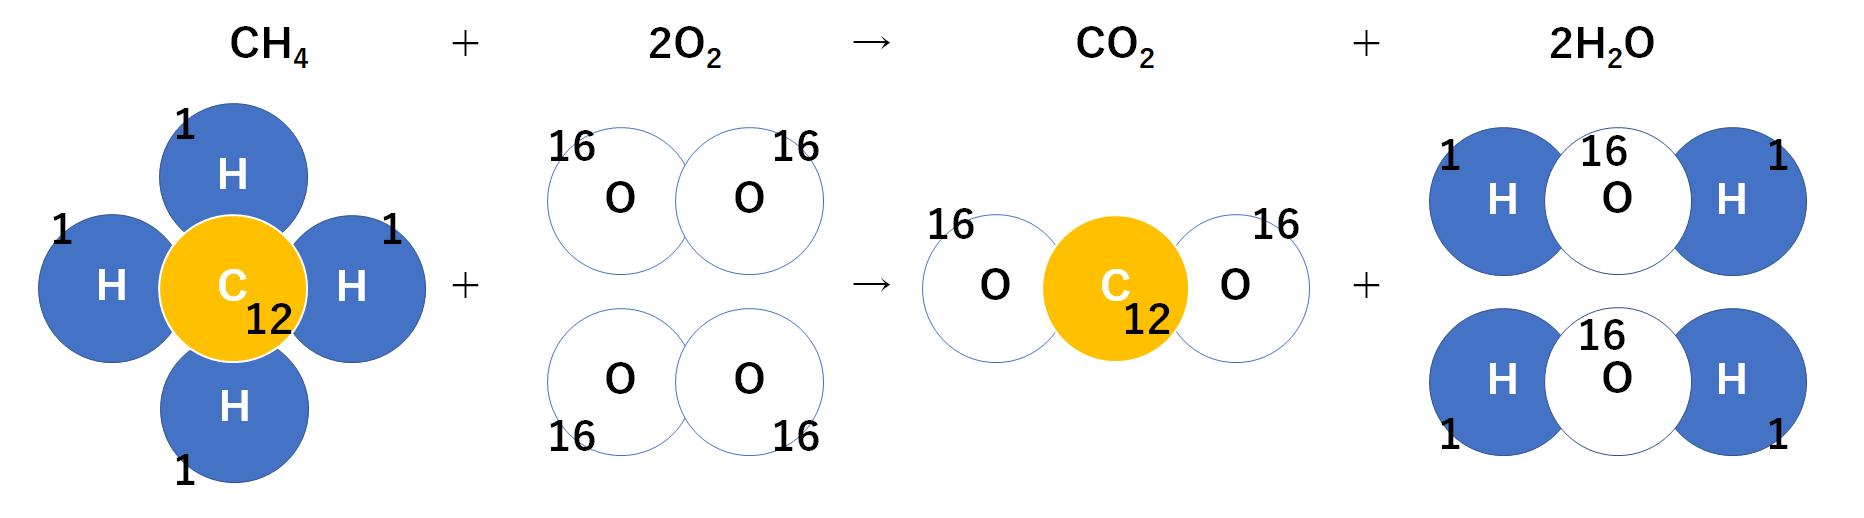 化学 反応 メタン 式 燃焼 の